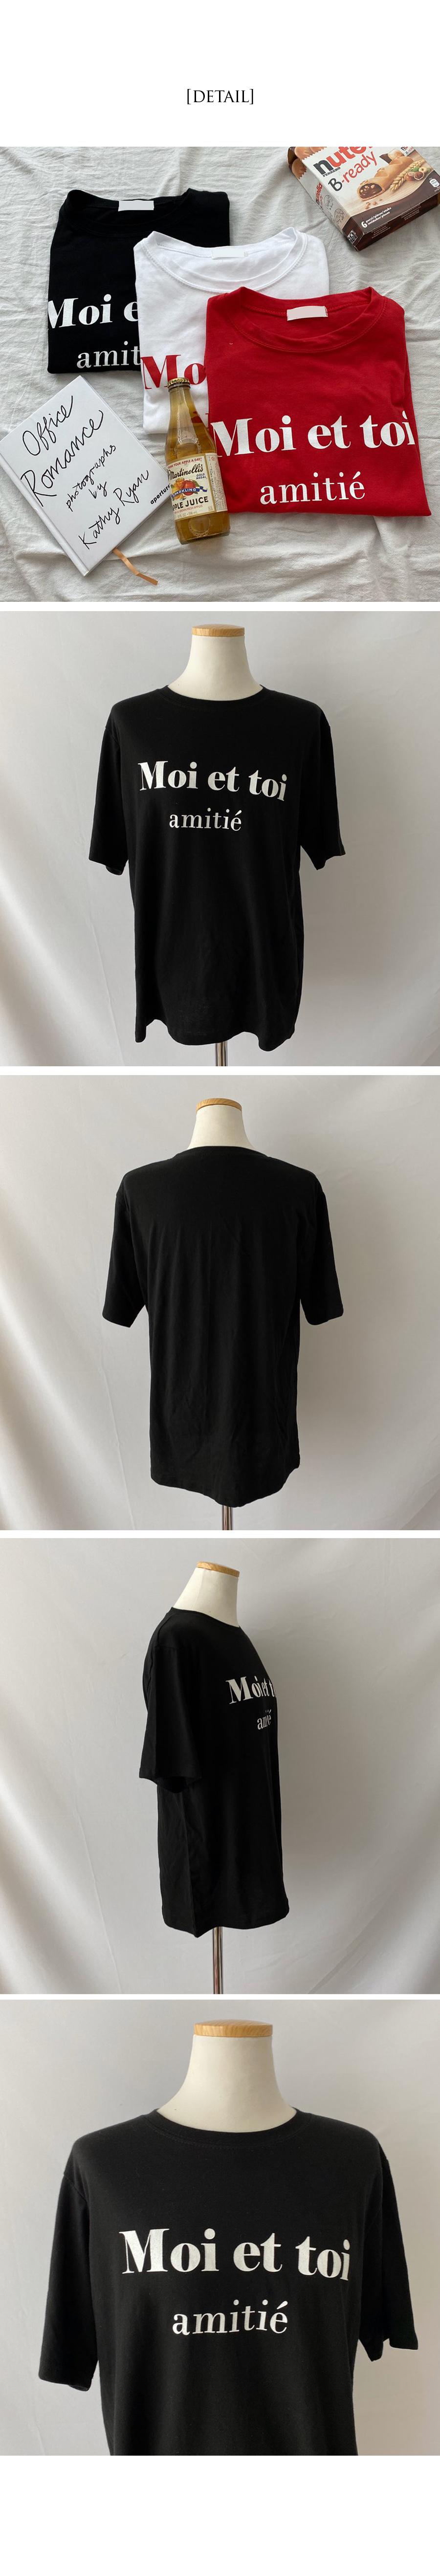 Moiette lettering short sleeve t-shirt